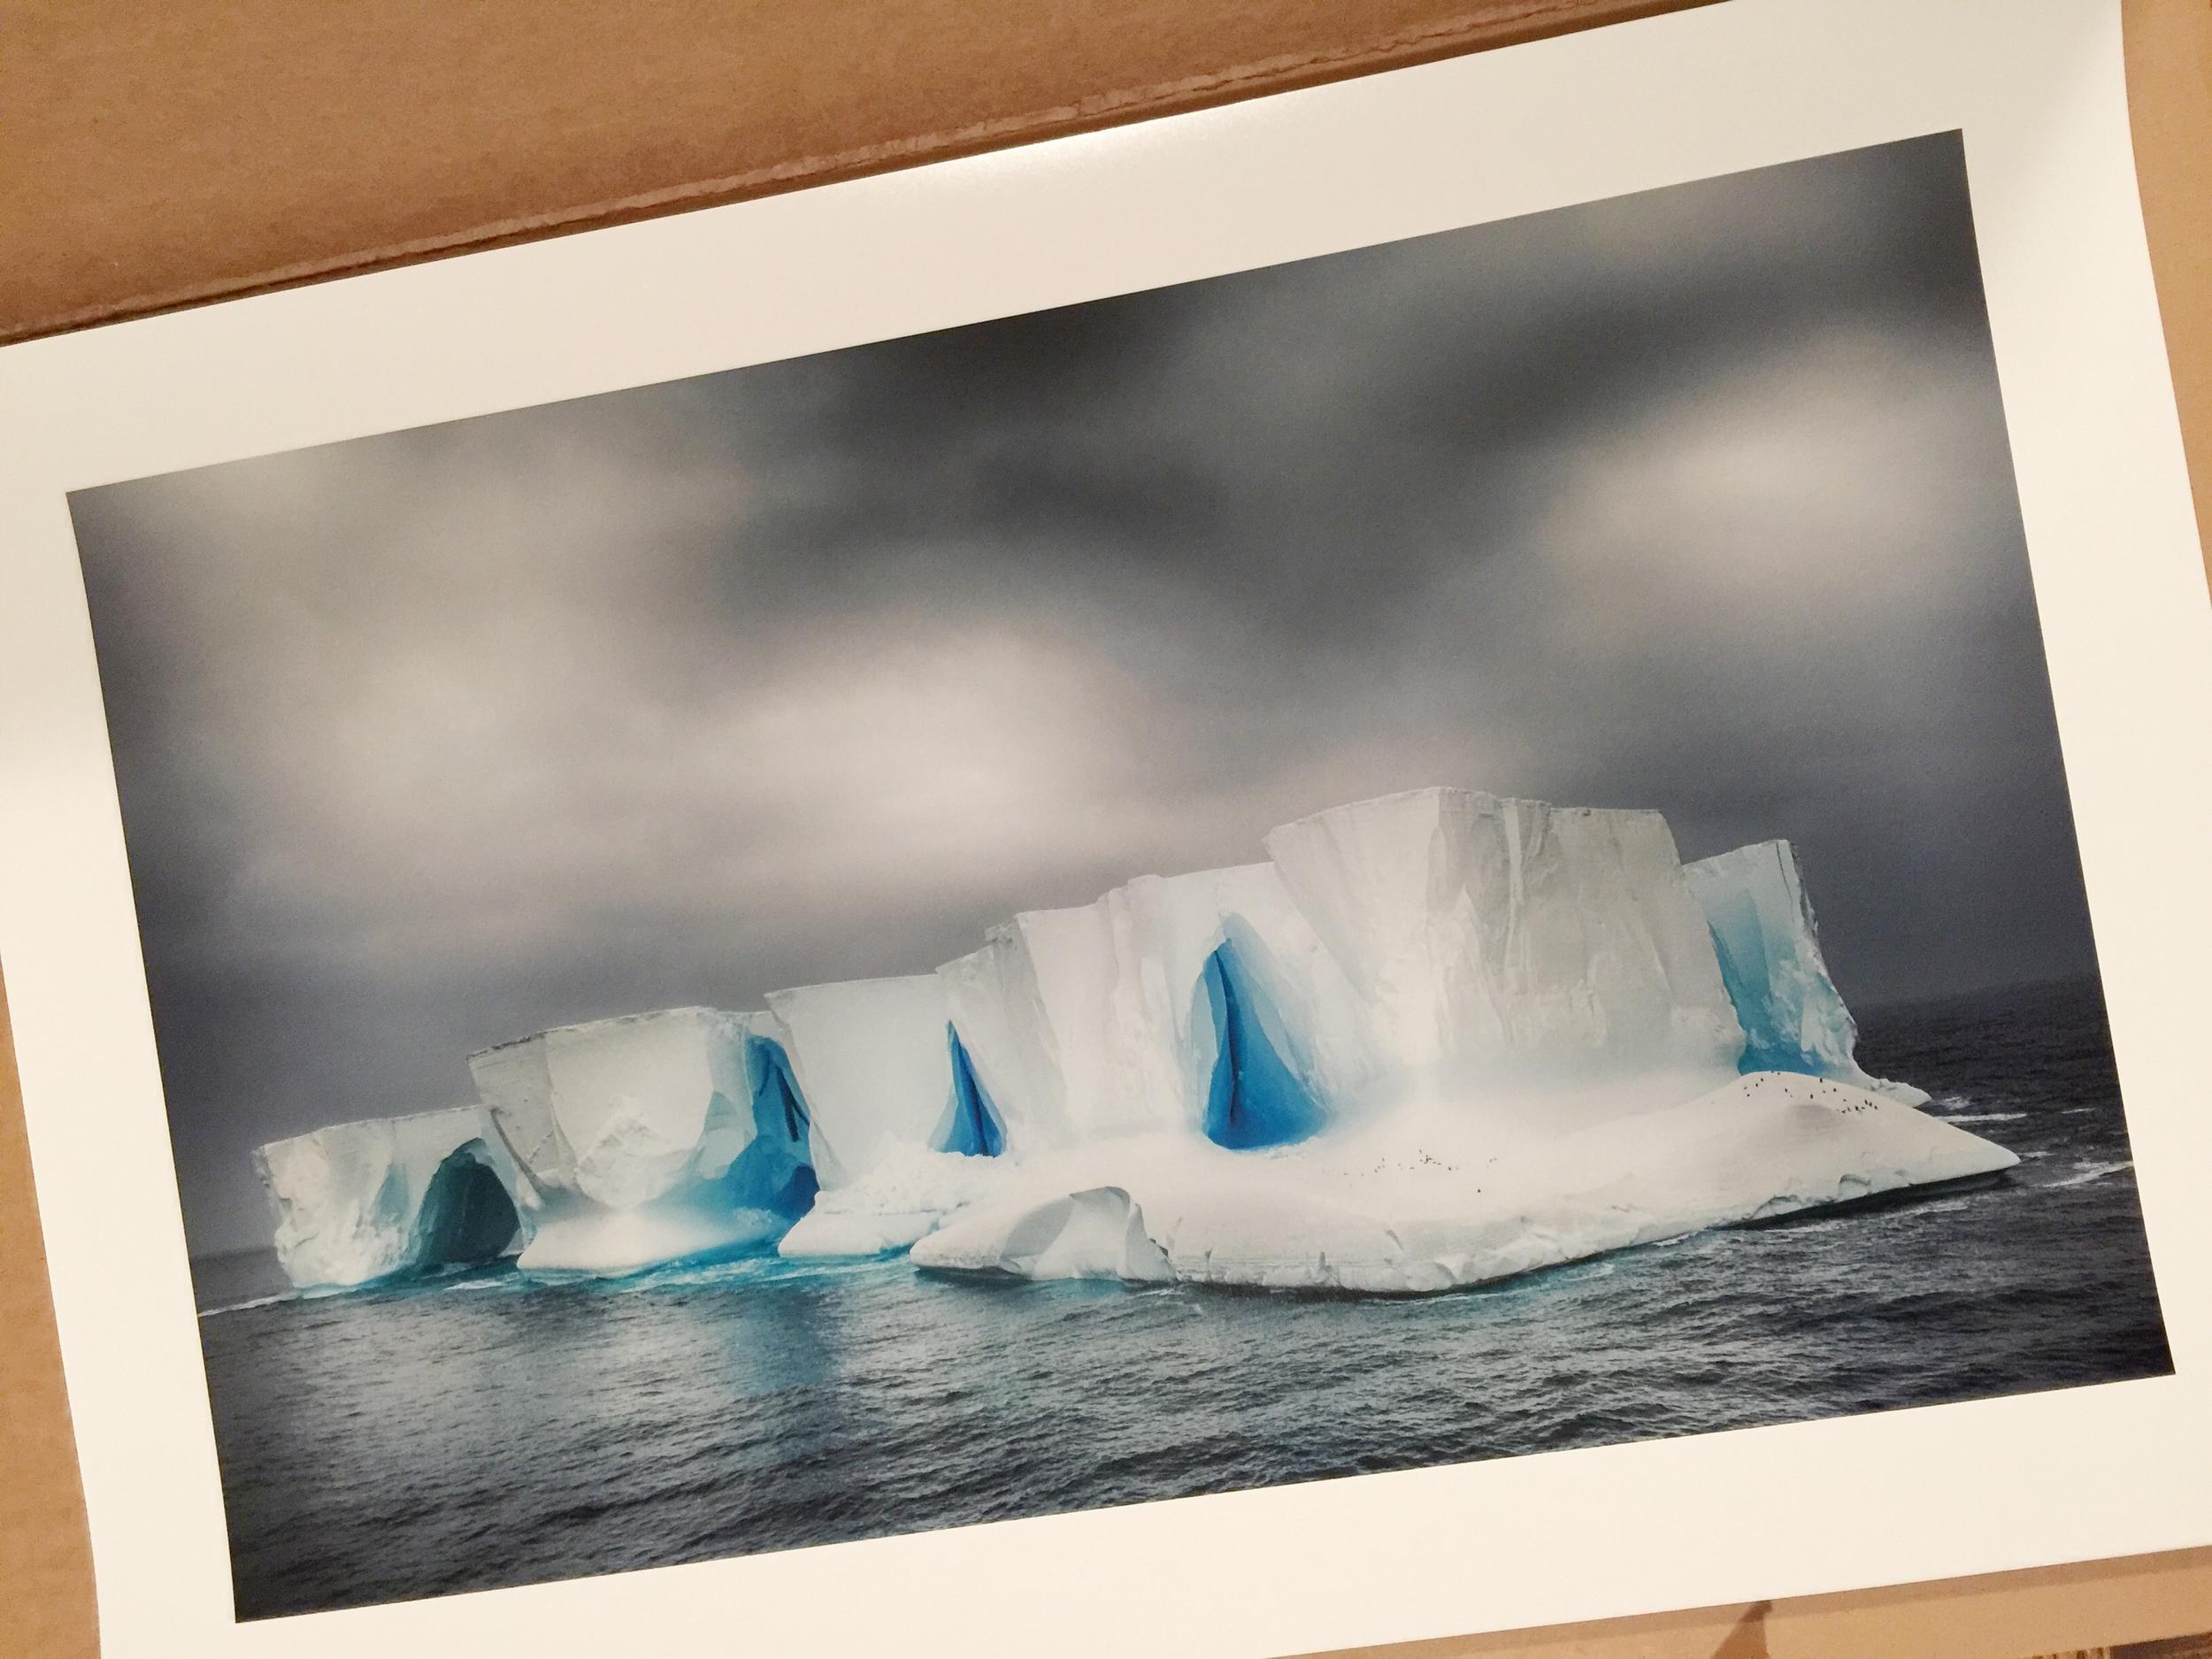 tabluar_iceberg